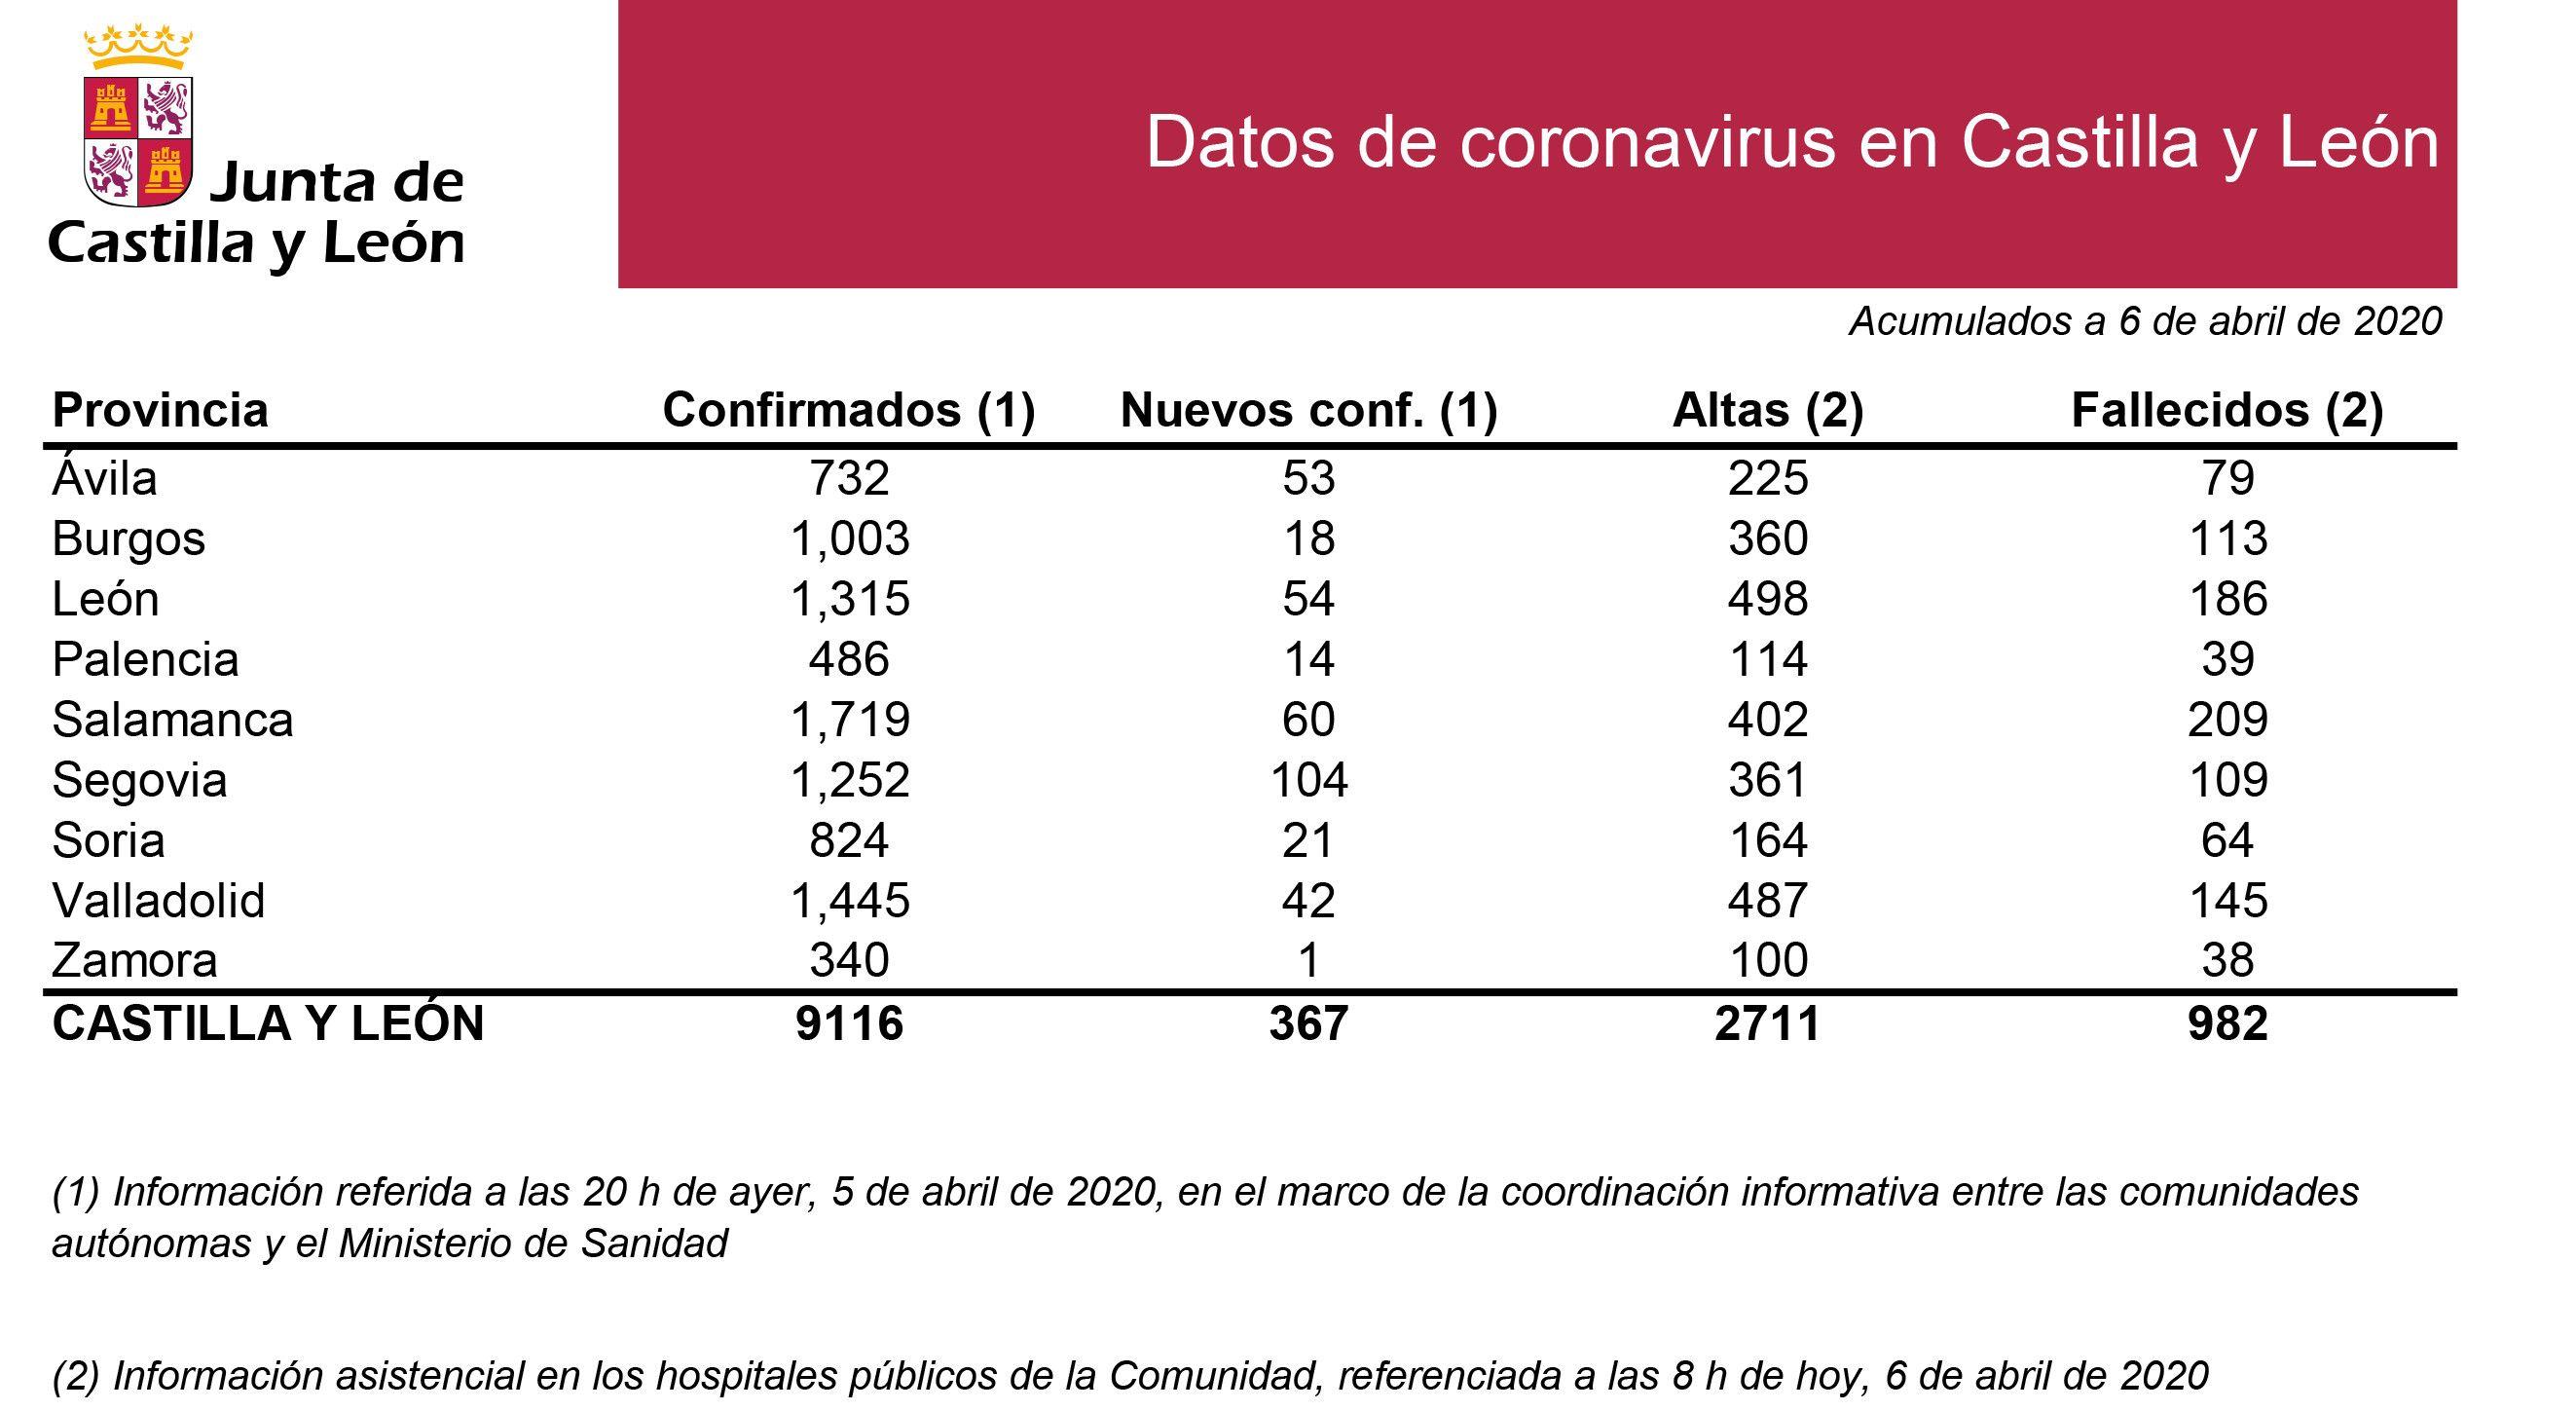 2020 04 06 Estadística situación CyL 6 abril 2020 (2)